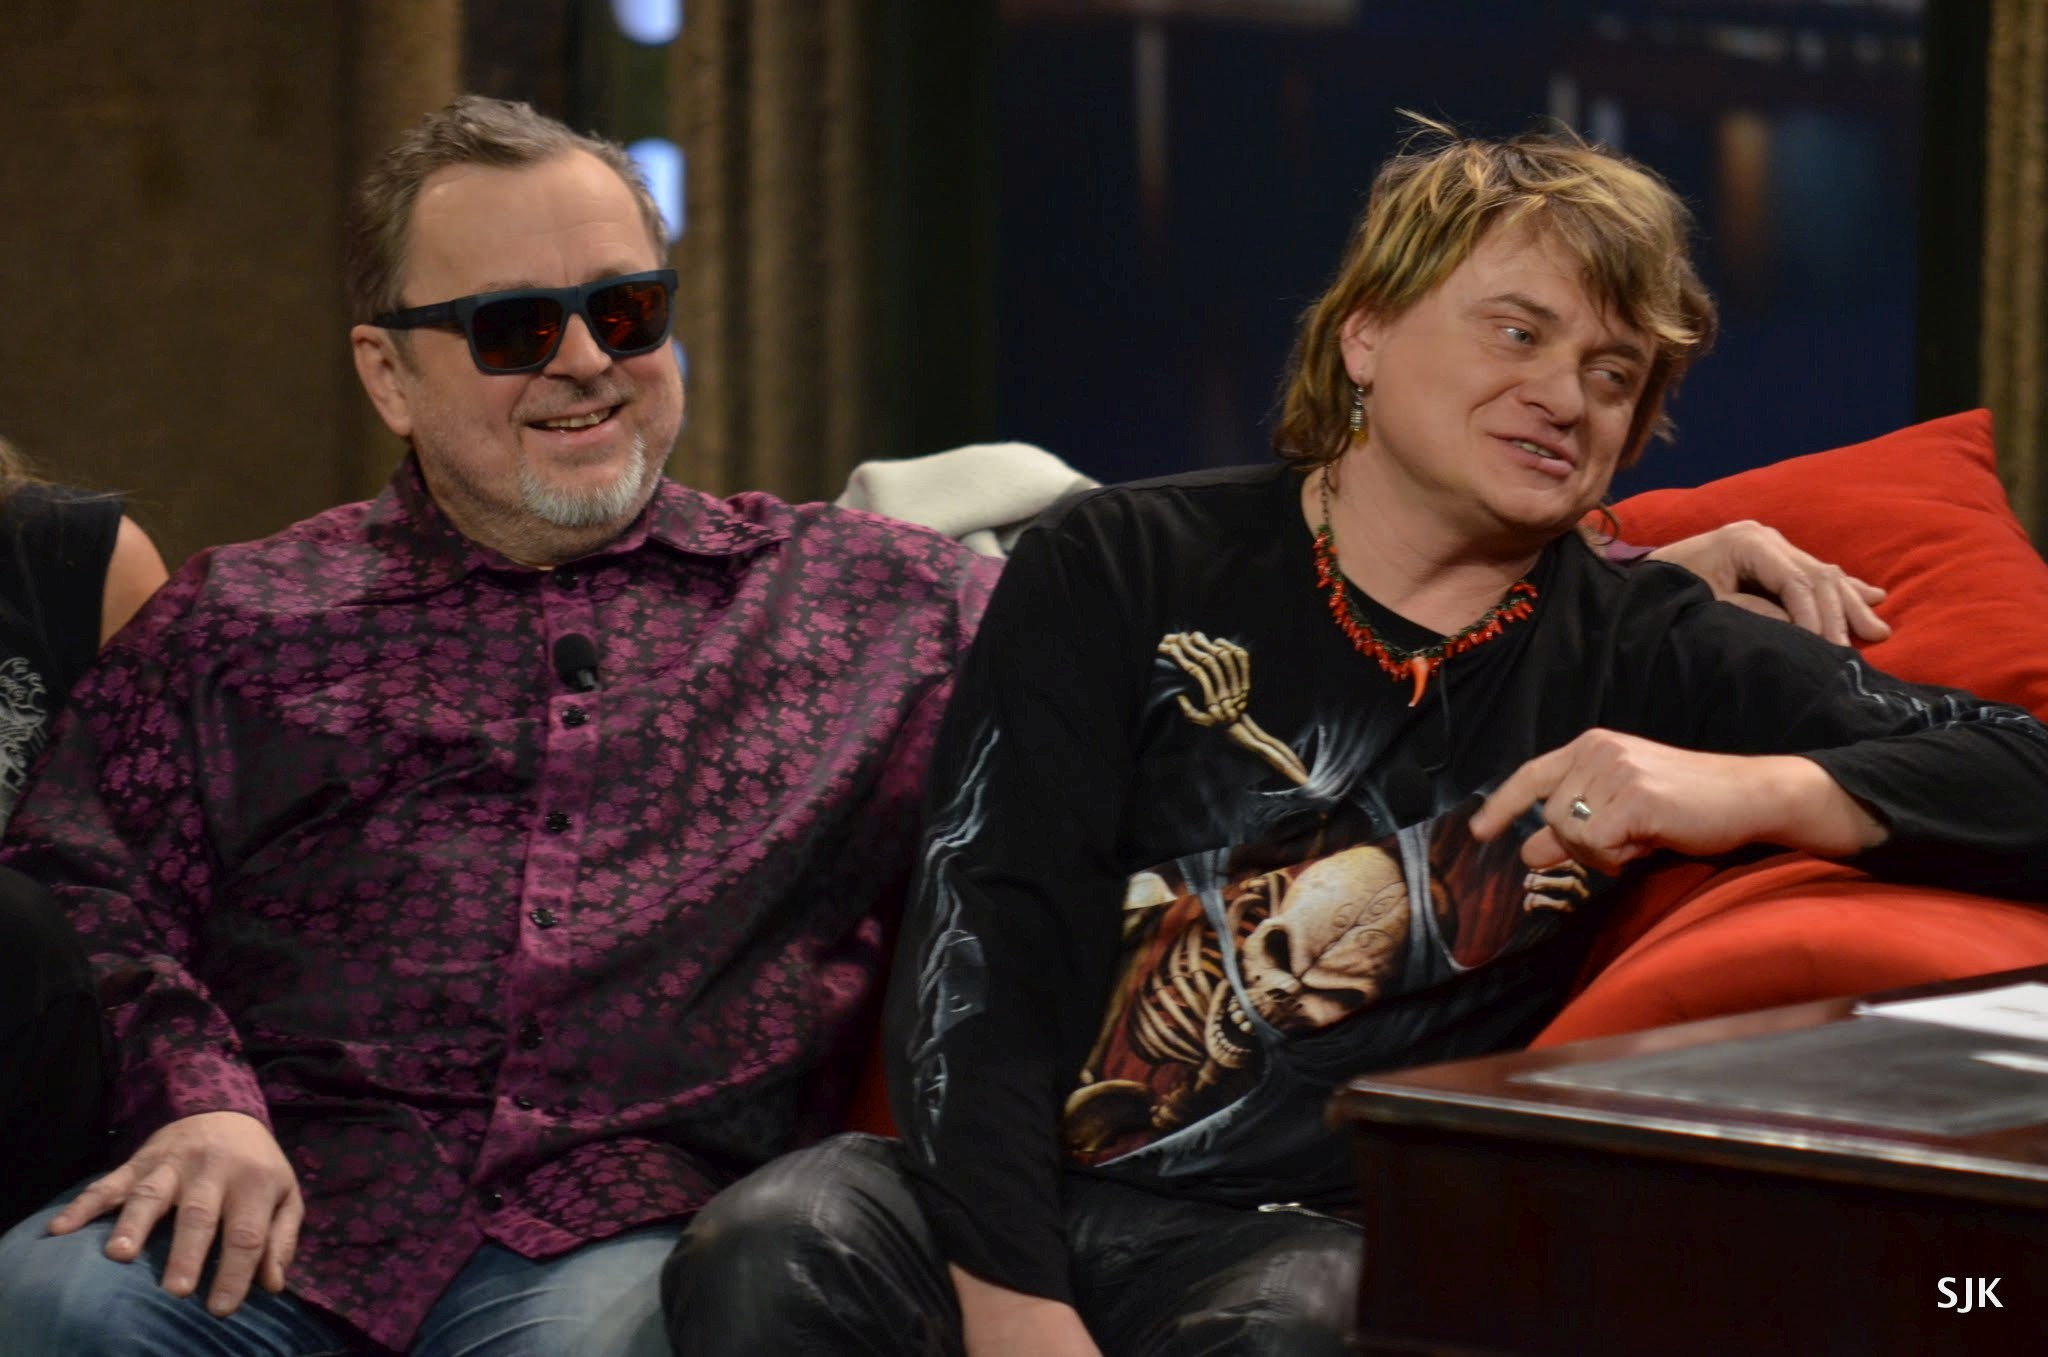 Zleva: Michal Pavlíček a Vilém Čok z kapely Pražský výběr v SJK 15. 3. 2013